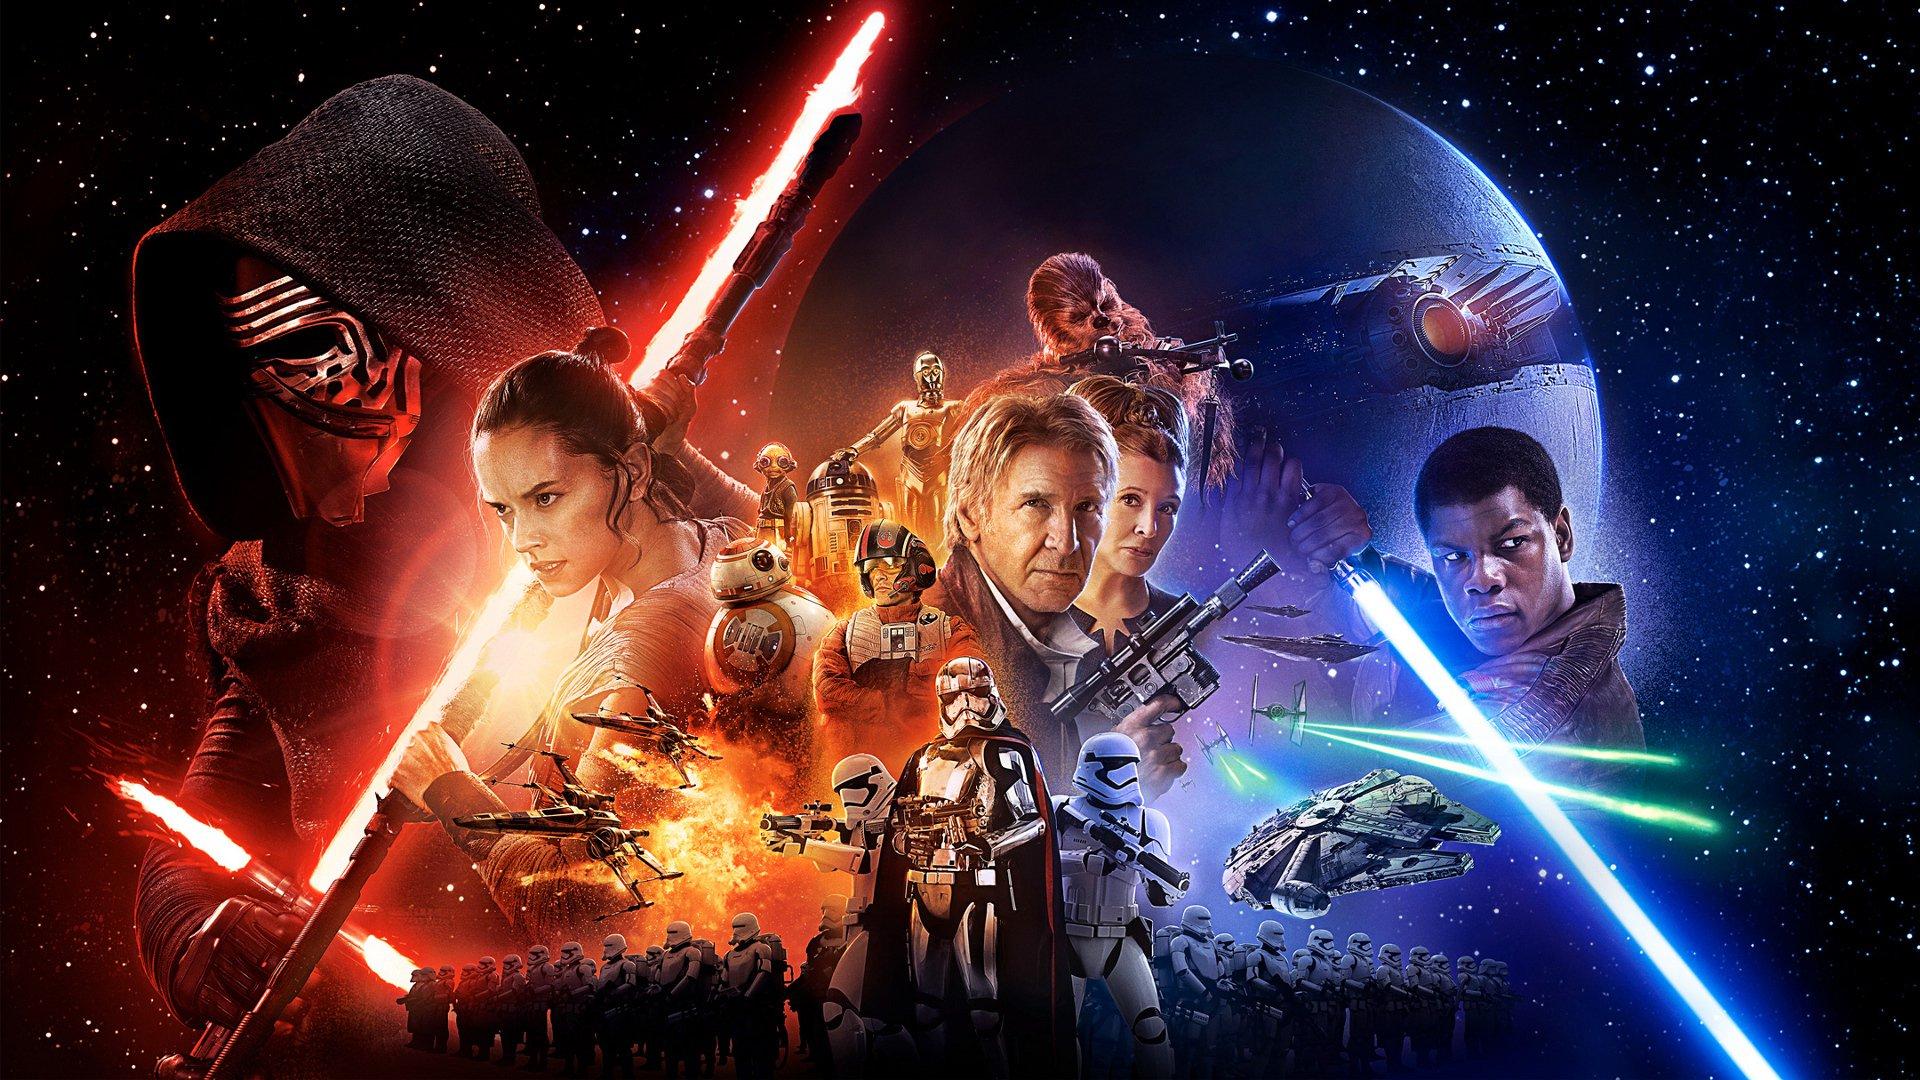 Star Wars, filme que também combinou nostalgia com novidades na medida certa.